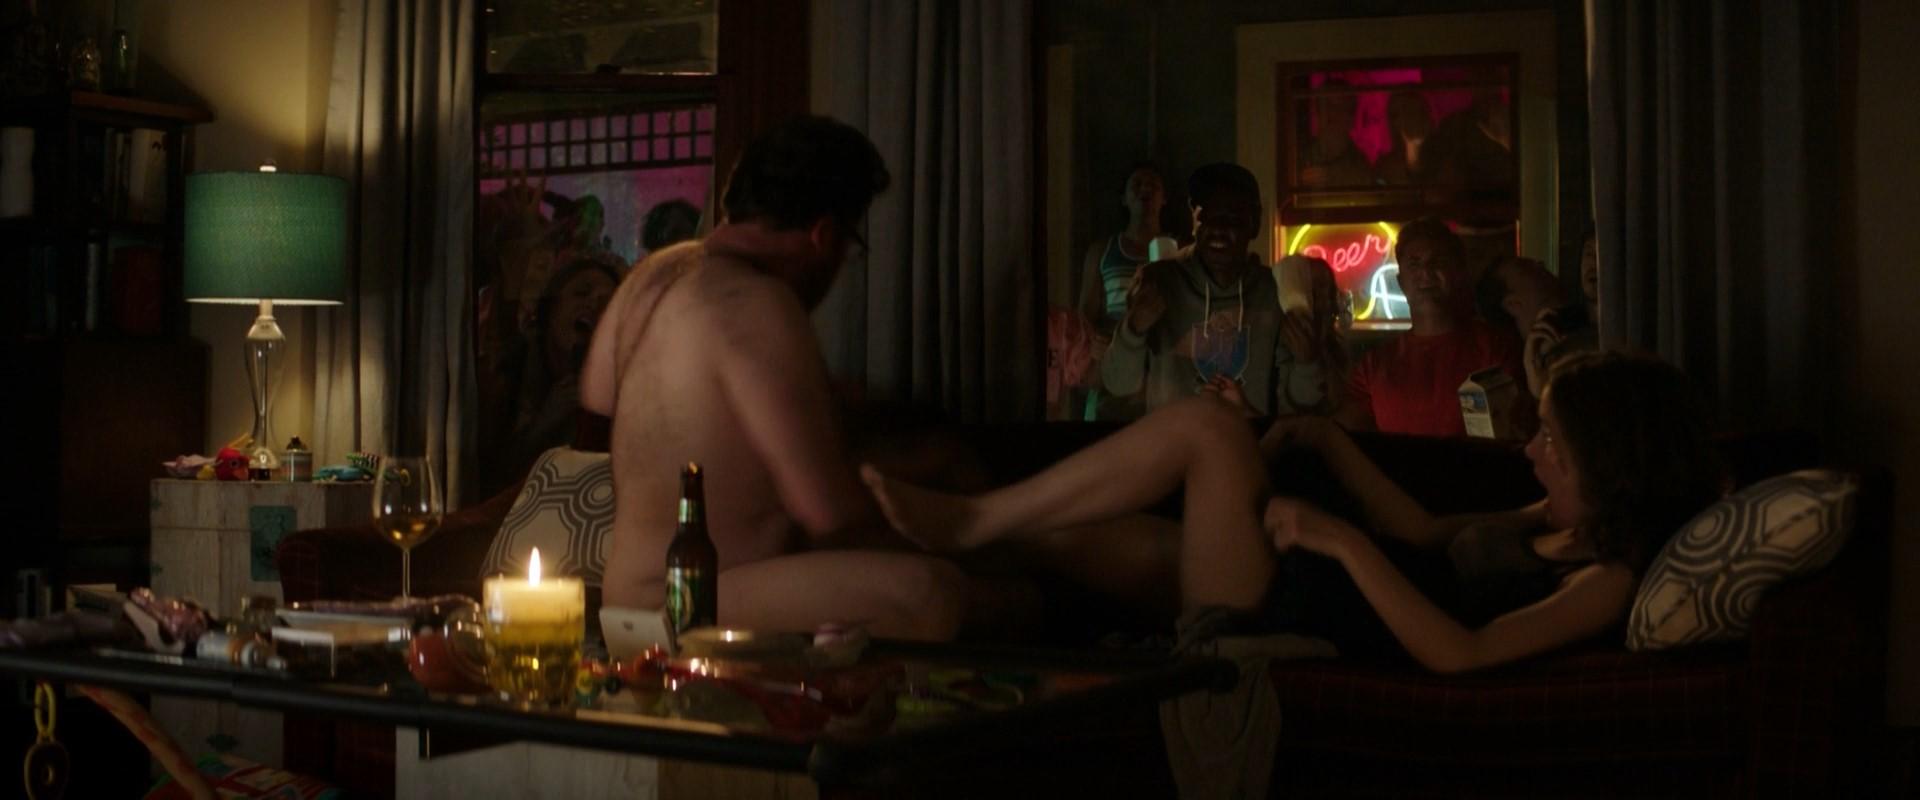 rose byrne sex scene